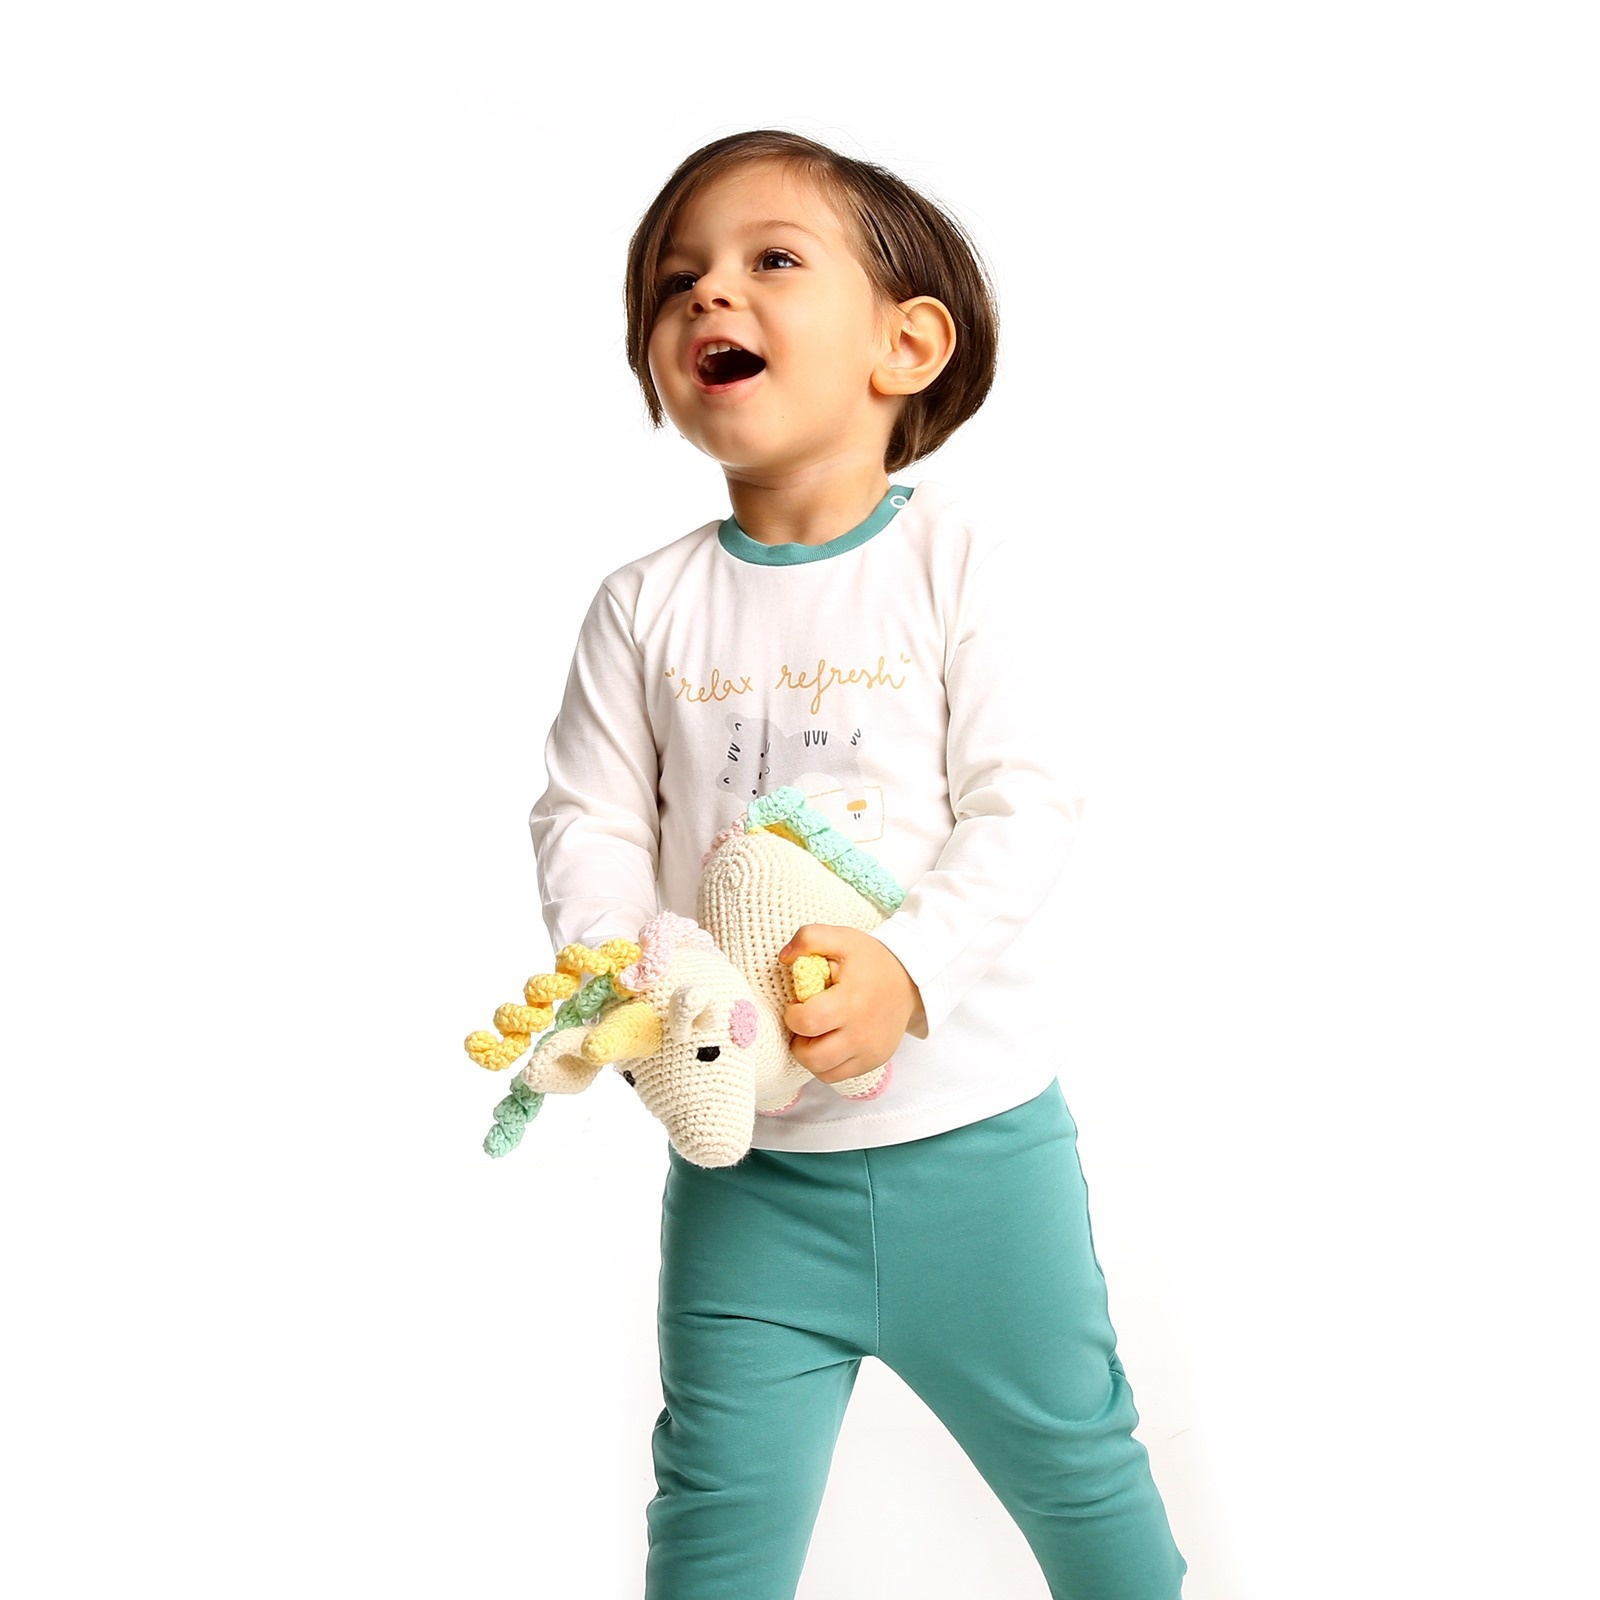 Ebebek Bebbek Summer Baby Boy Relax Sweatshirt Pant 2 Pcs Set